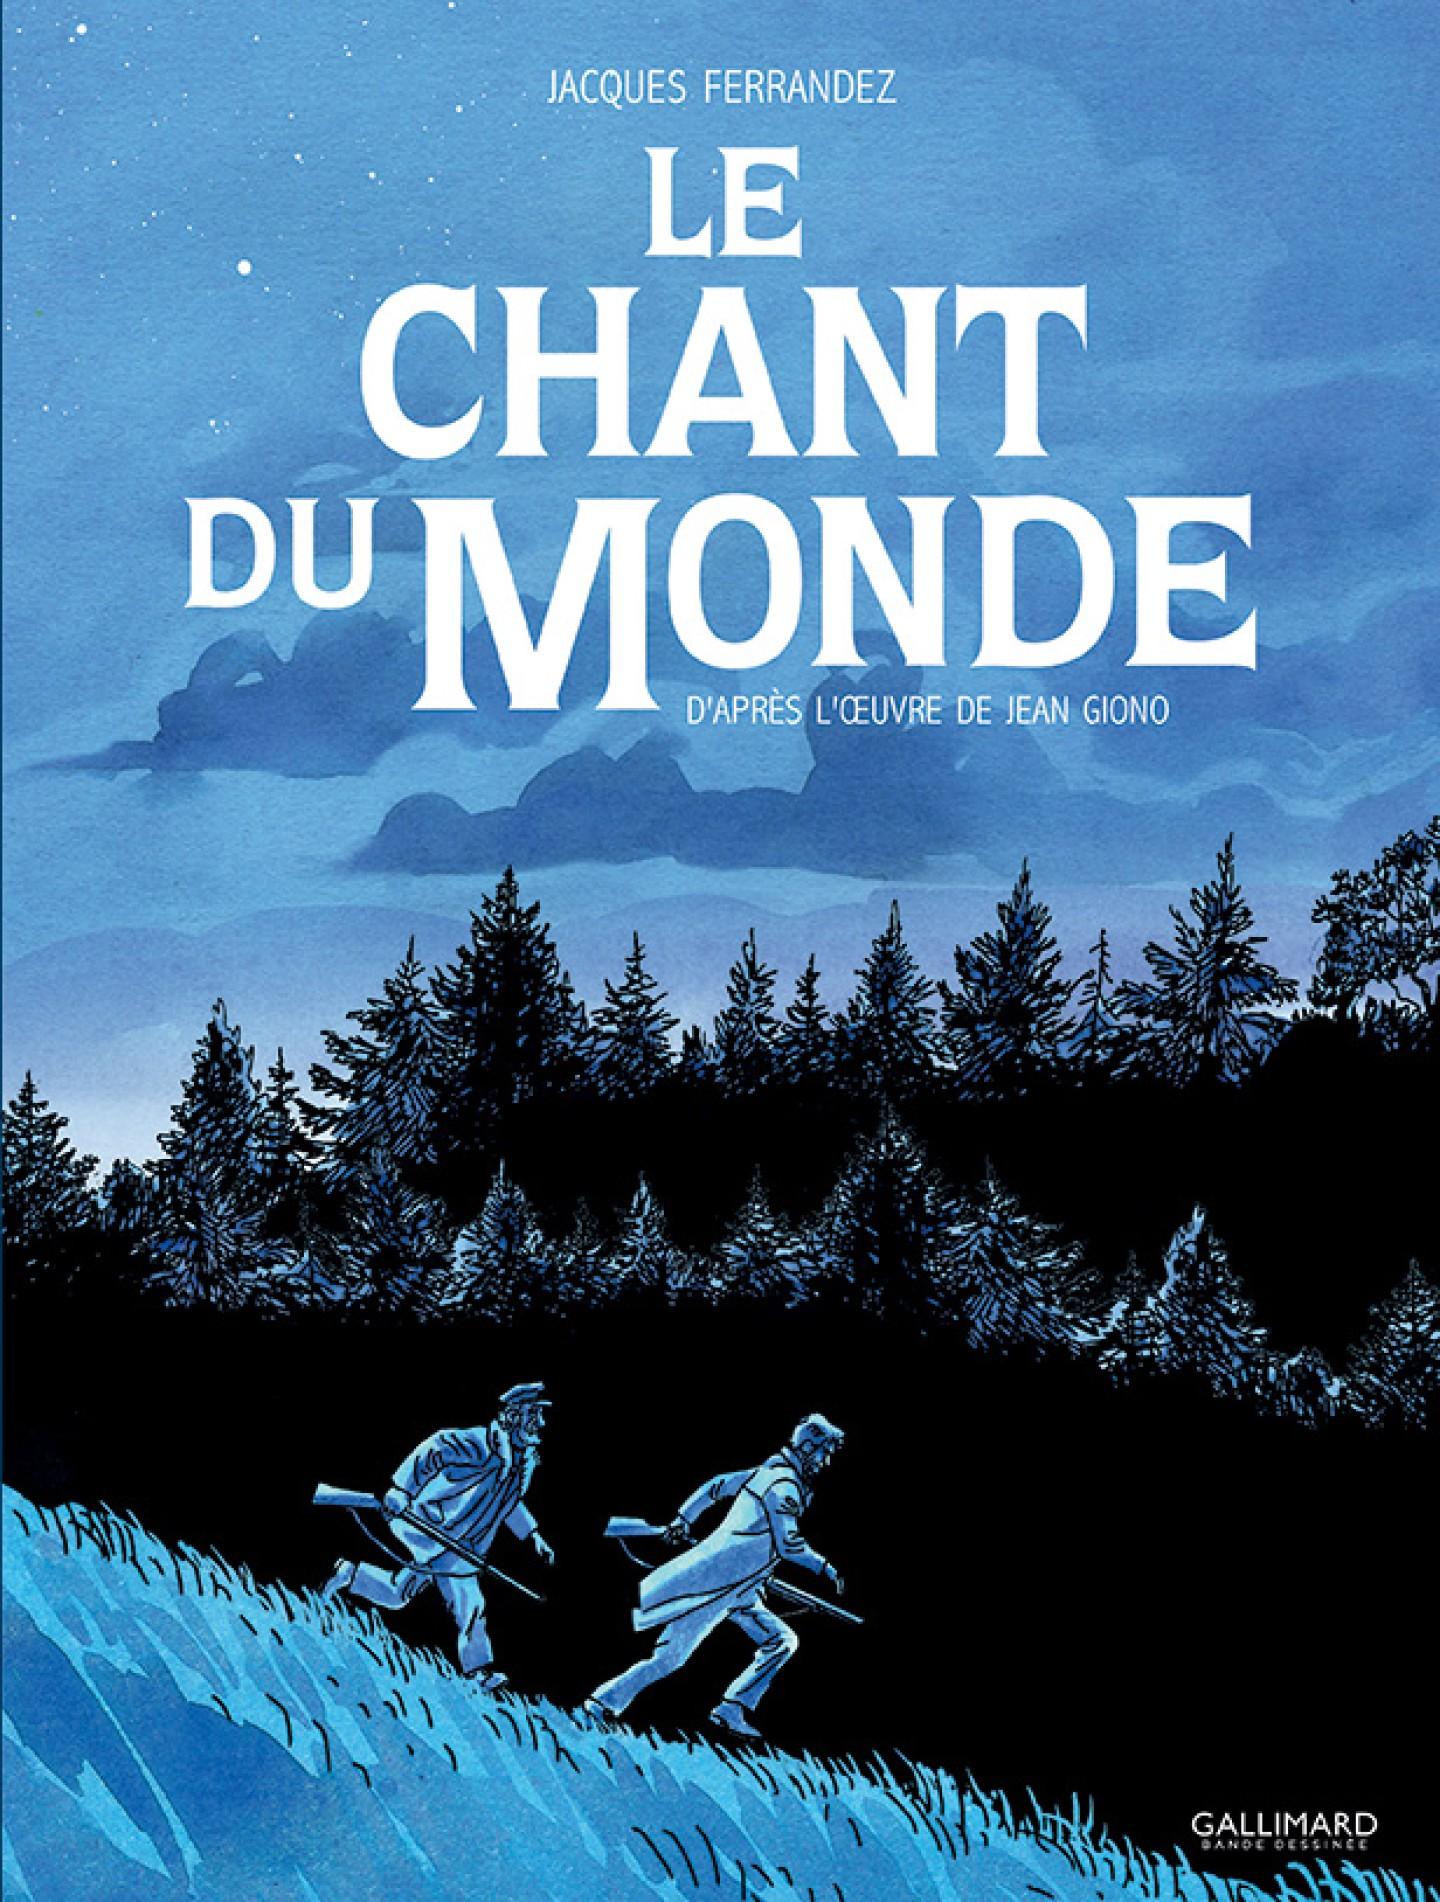 BD Le chant du monde de Jacques Ferrandez ©Gallimard BD